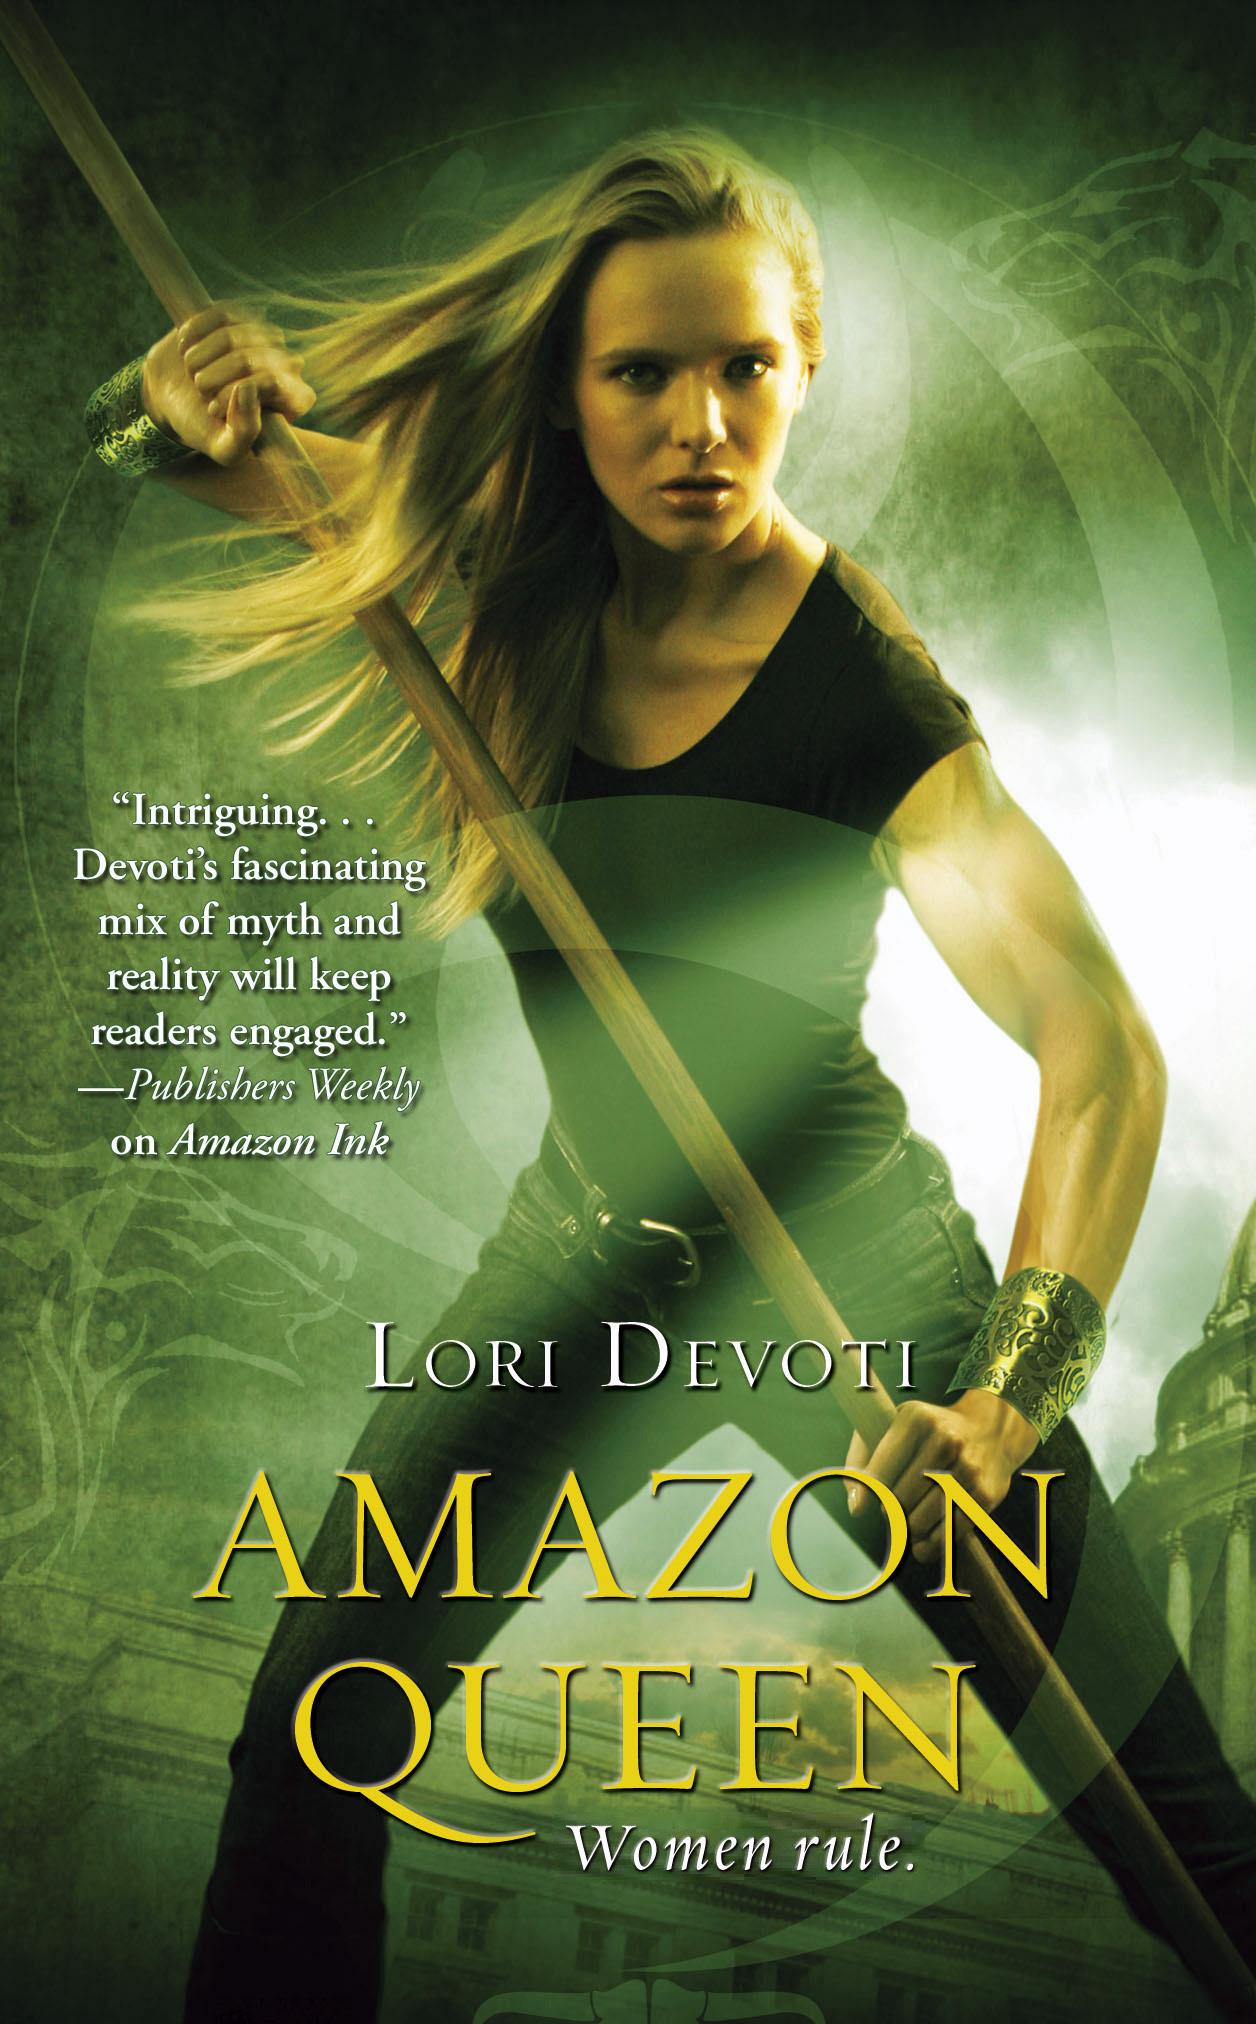 Amazon Queen, urban fantasy novel